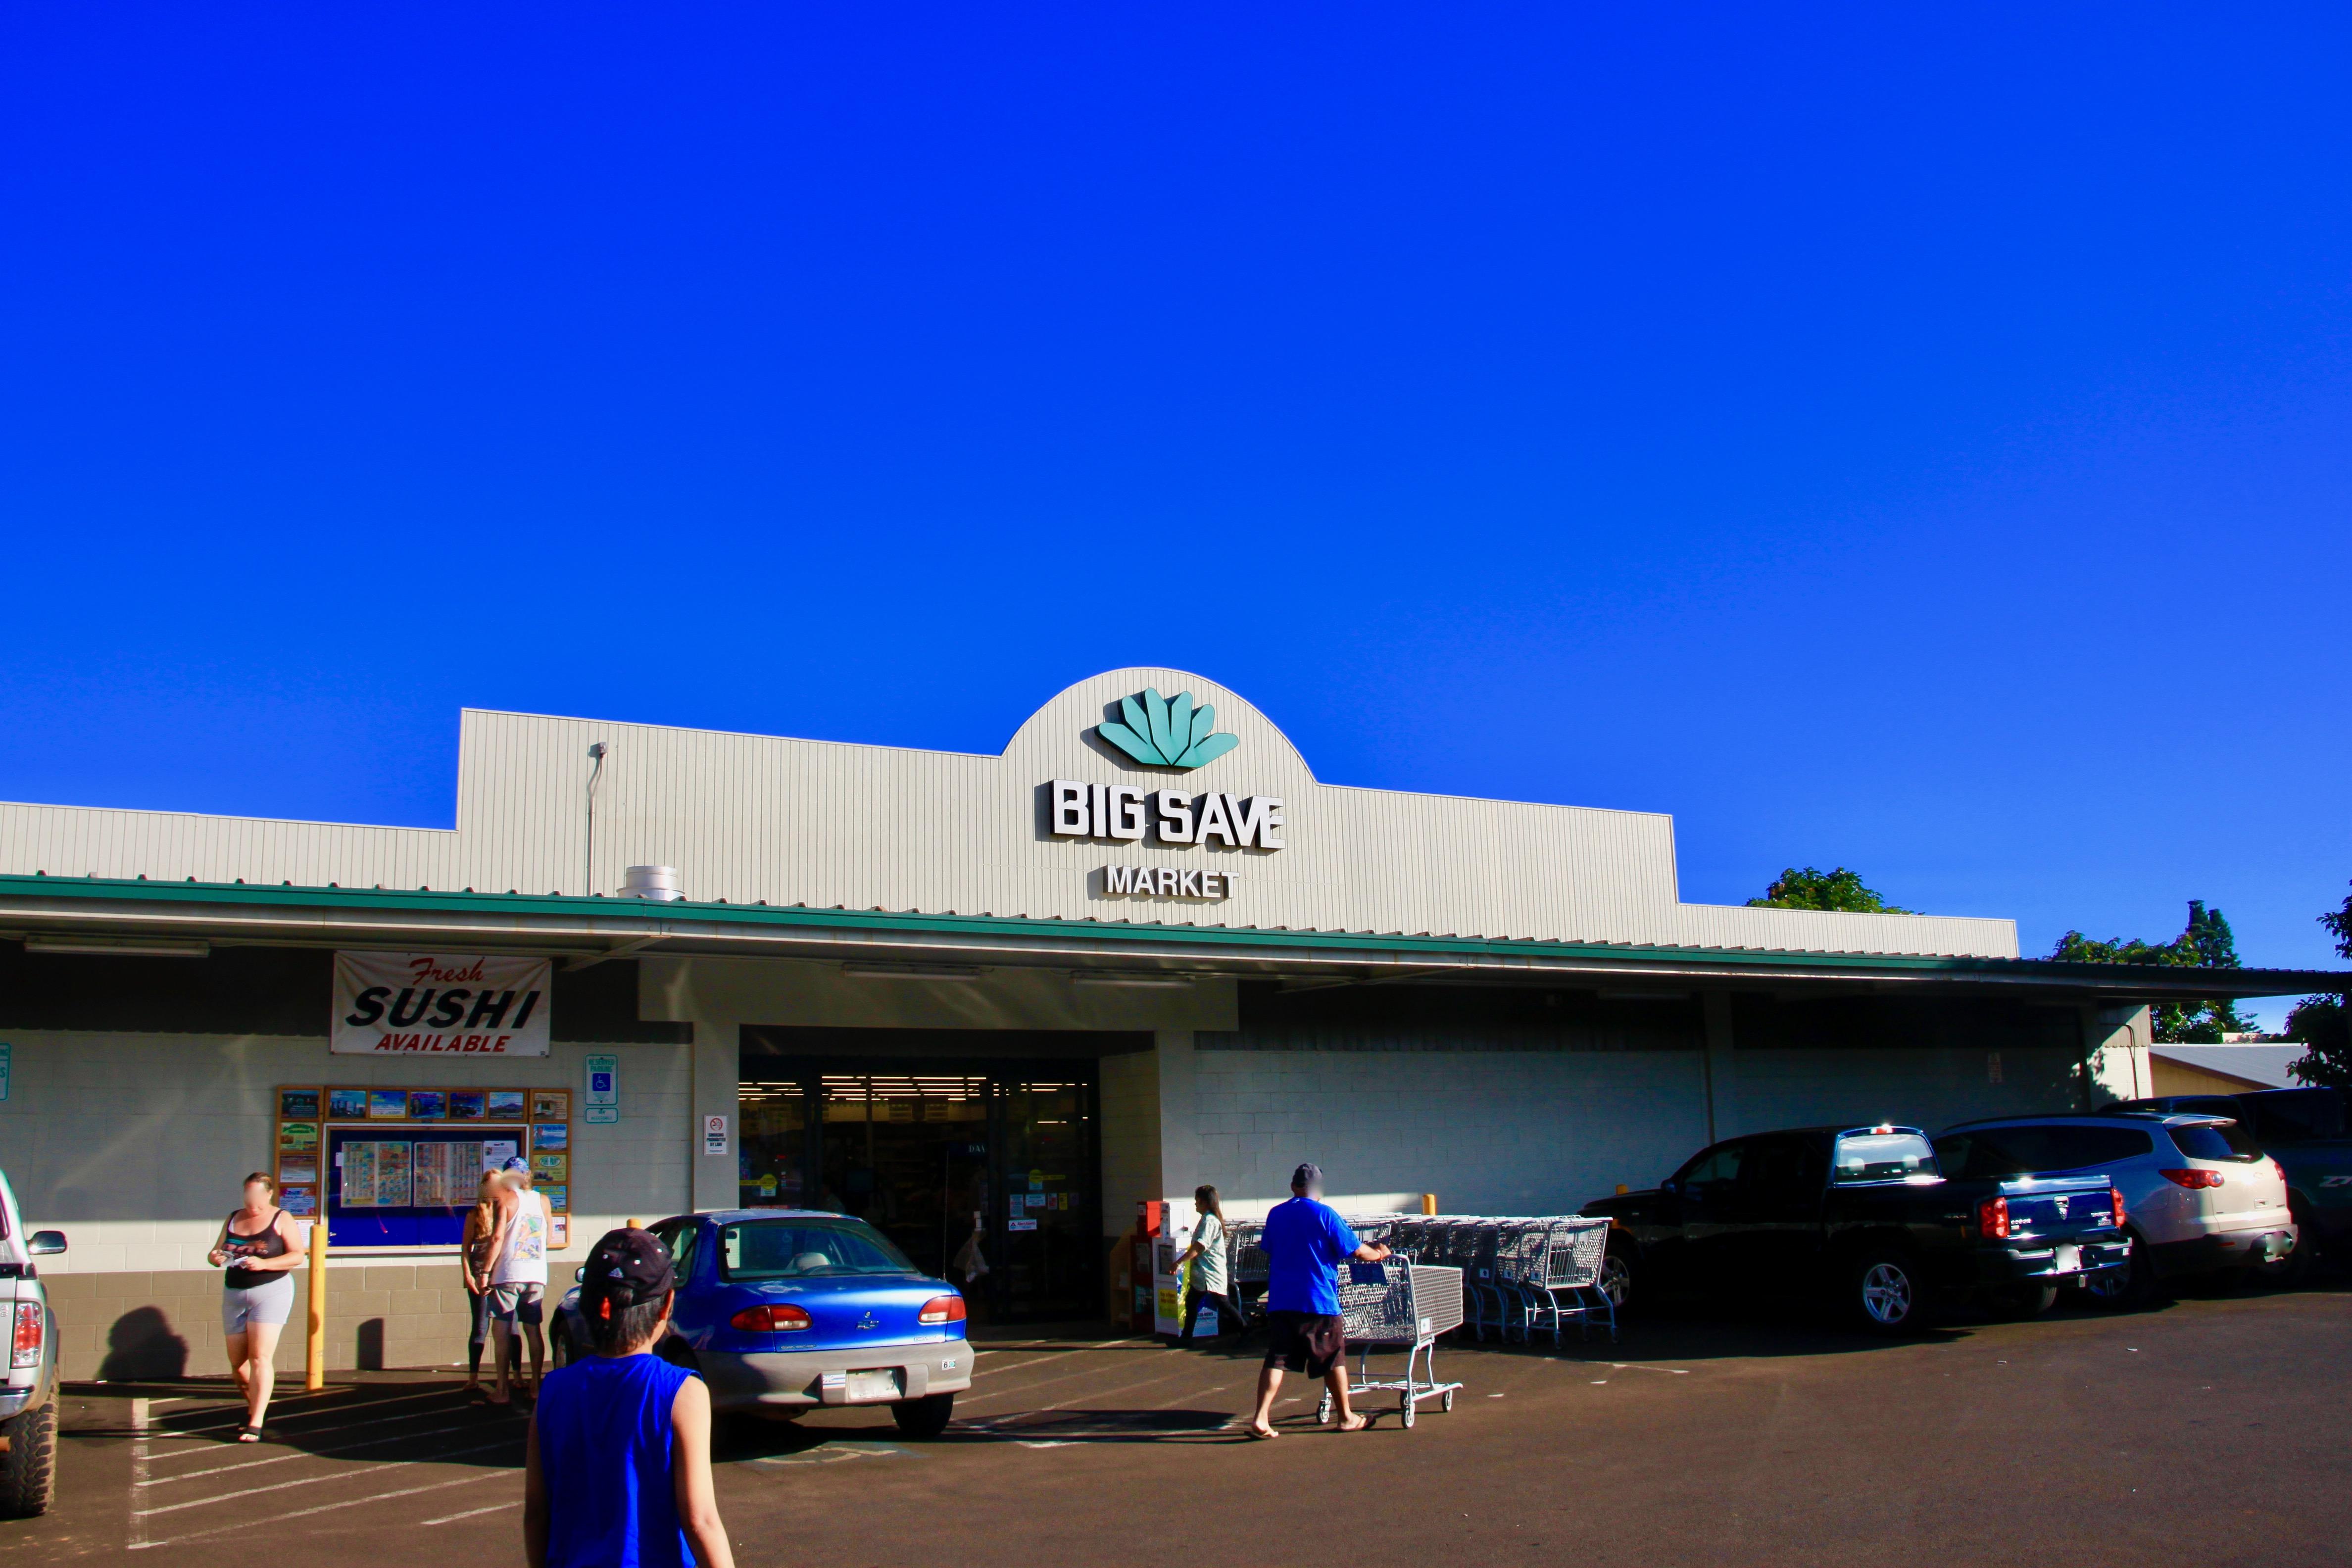 ハワイのスーパーマーケットチェーン・ビッグセーブ